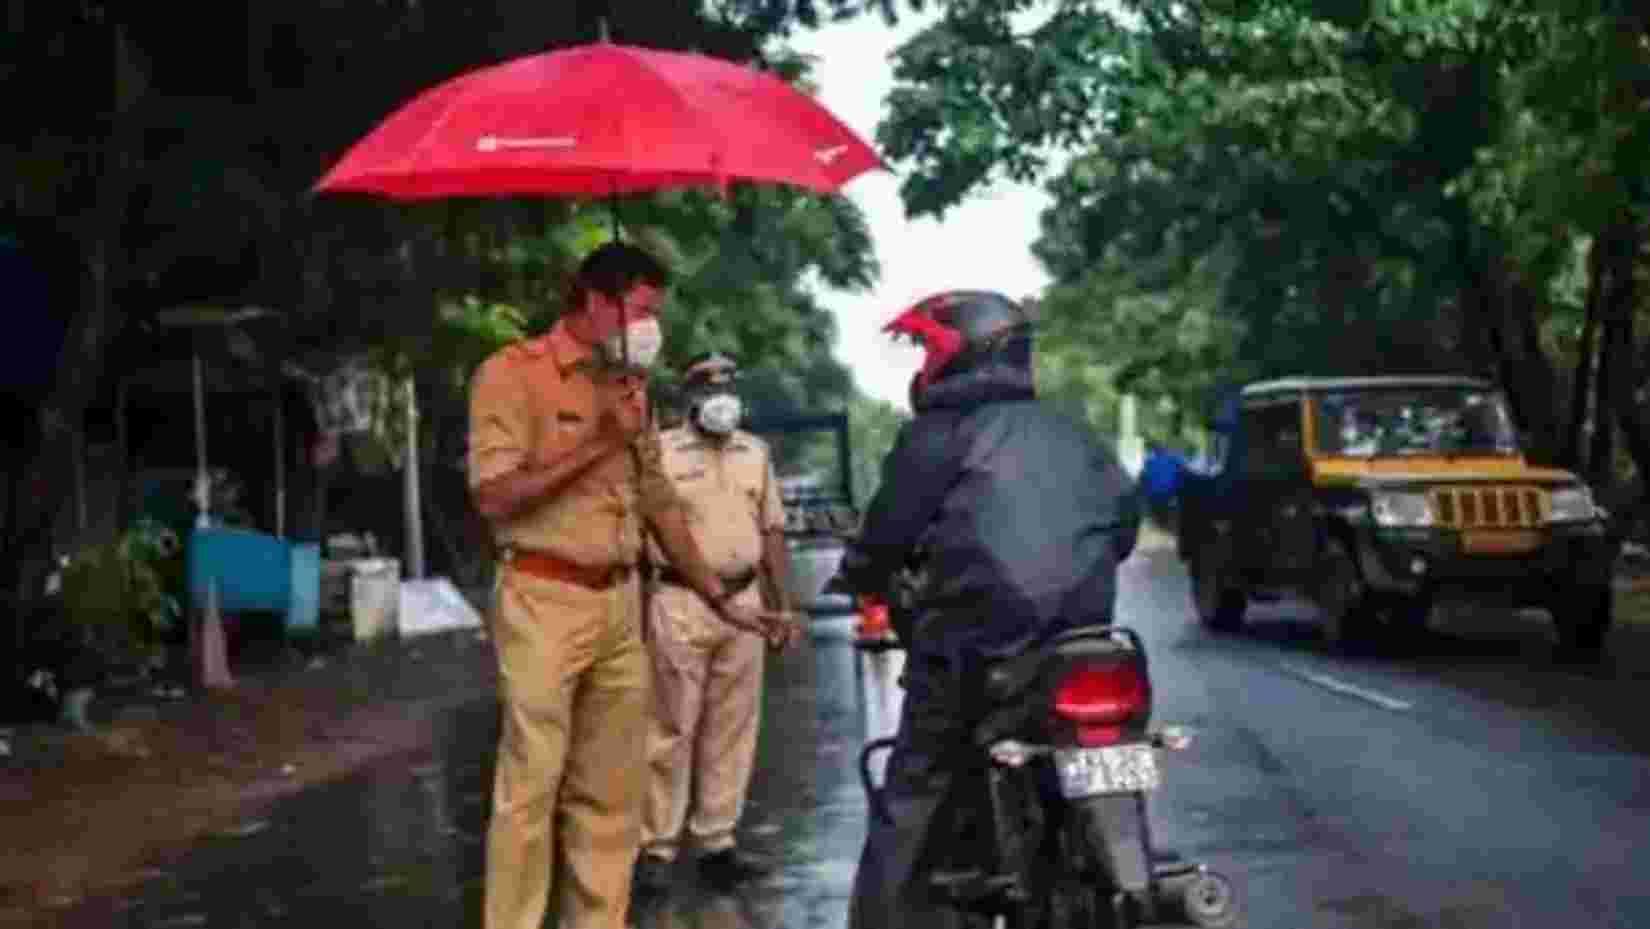 കൊവിഡ് നിയമലംഘനം : കോഴിക്കോട് ജില്ലയിൽ 570 കേസുകൾ രജിസ്റ്റർ ചെയ്തു